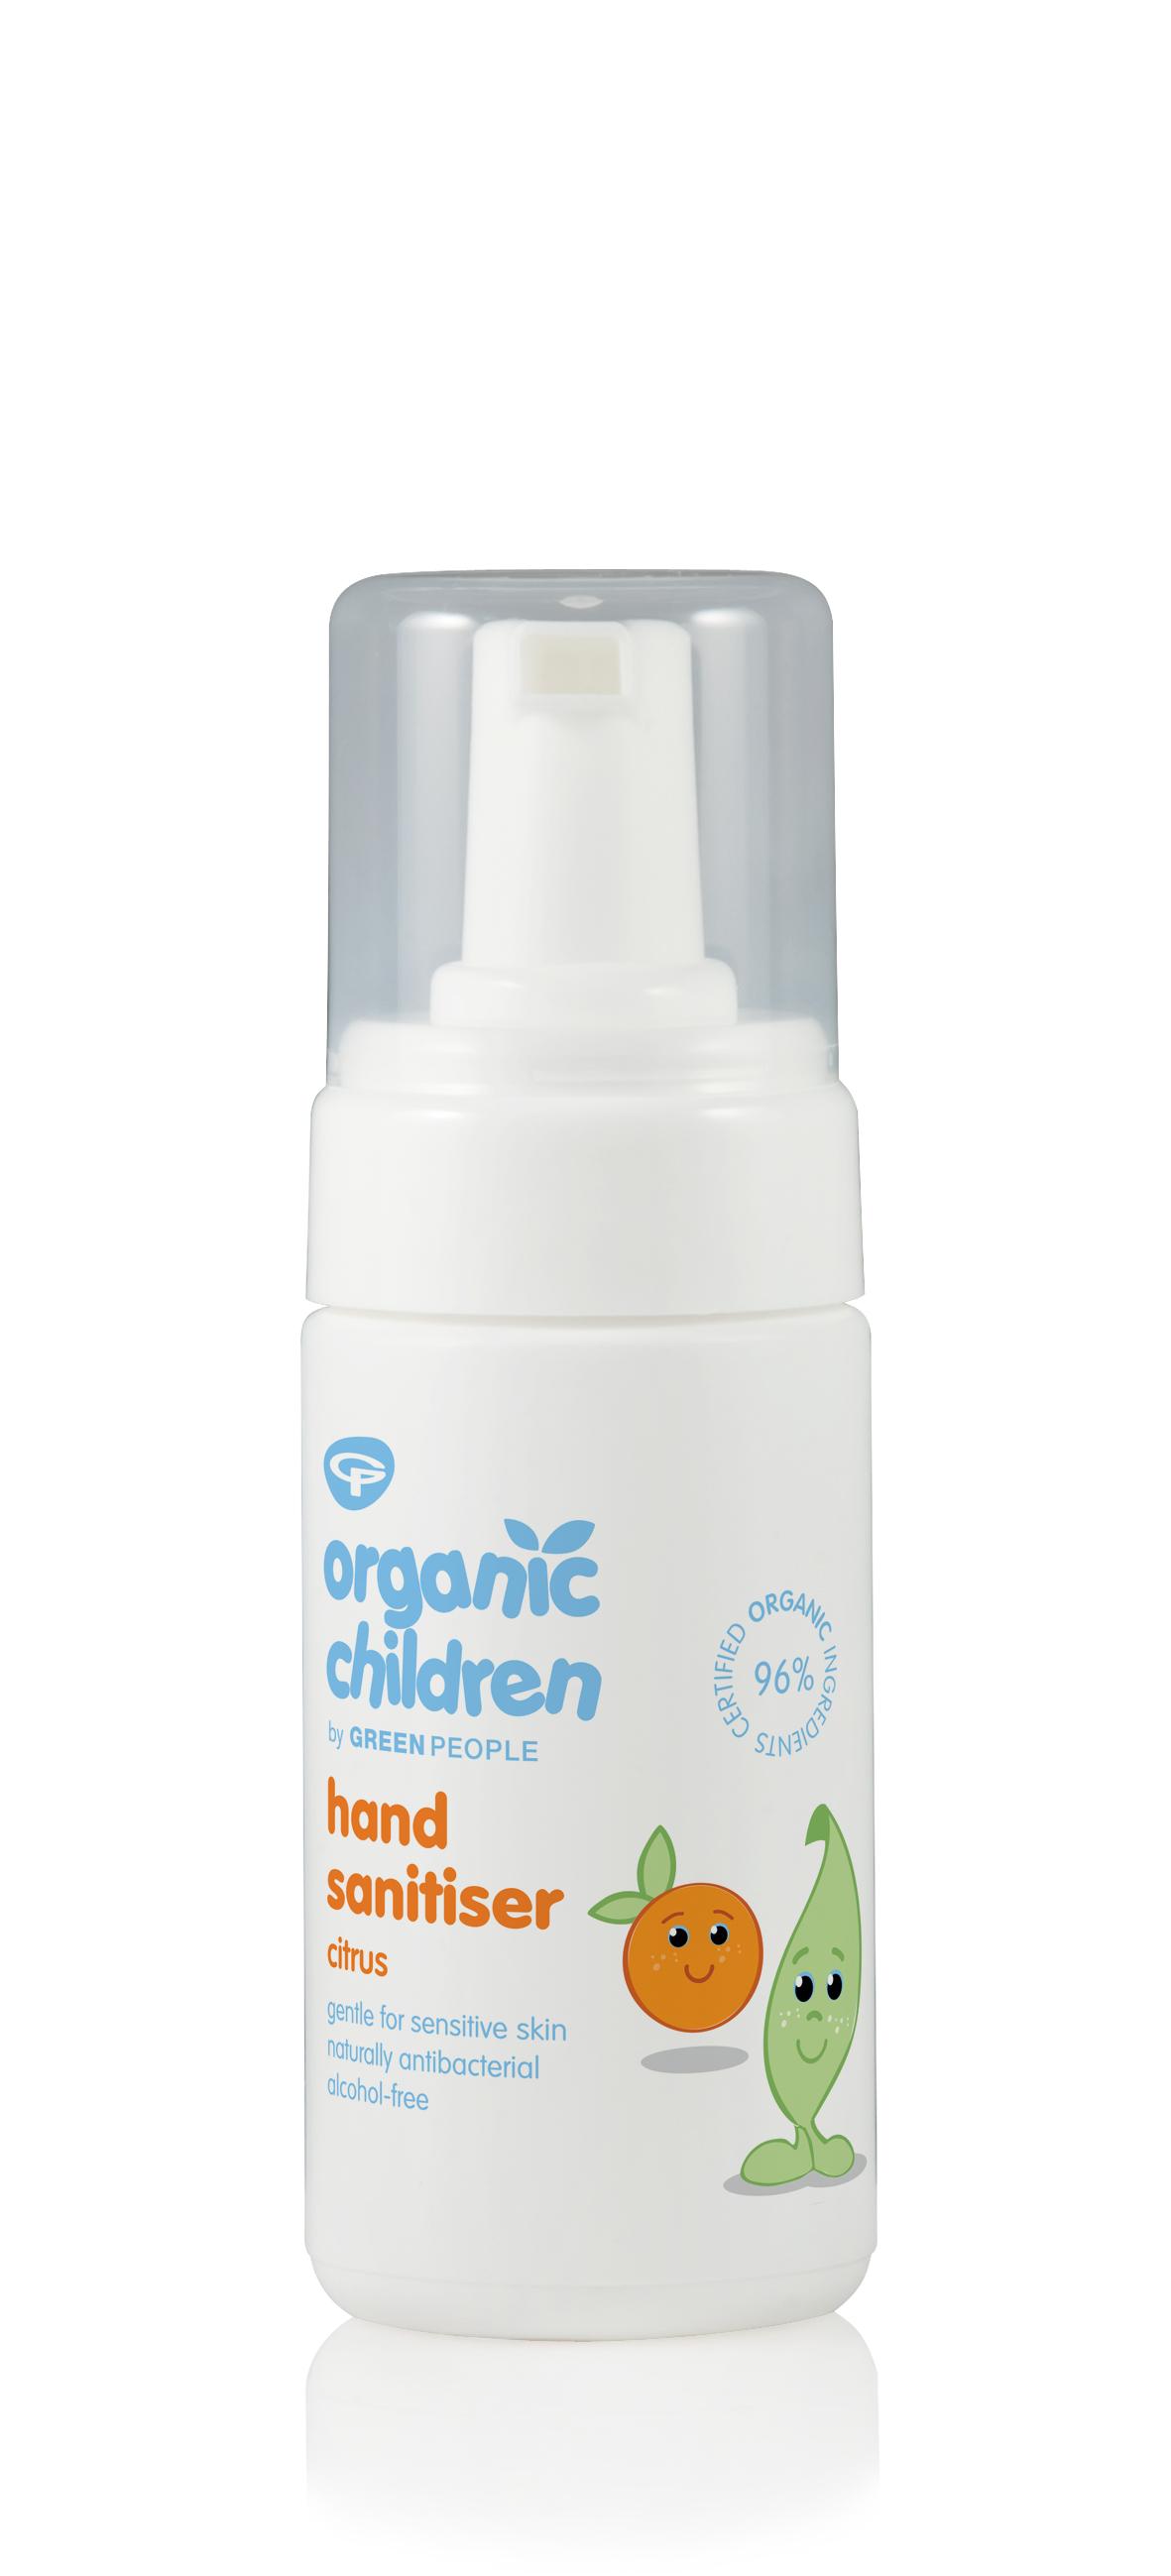 Organic Children Sticky Hand Sanitiser Citrus 100ml